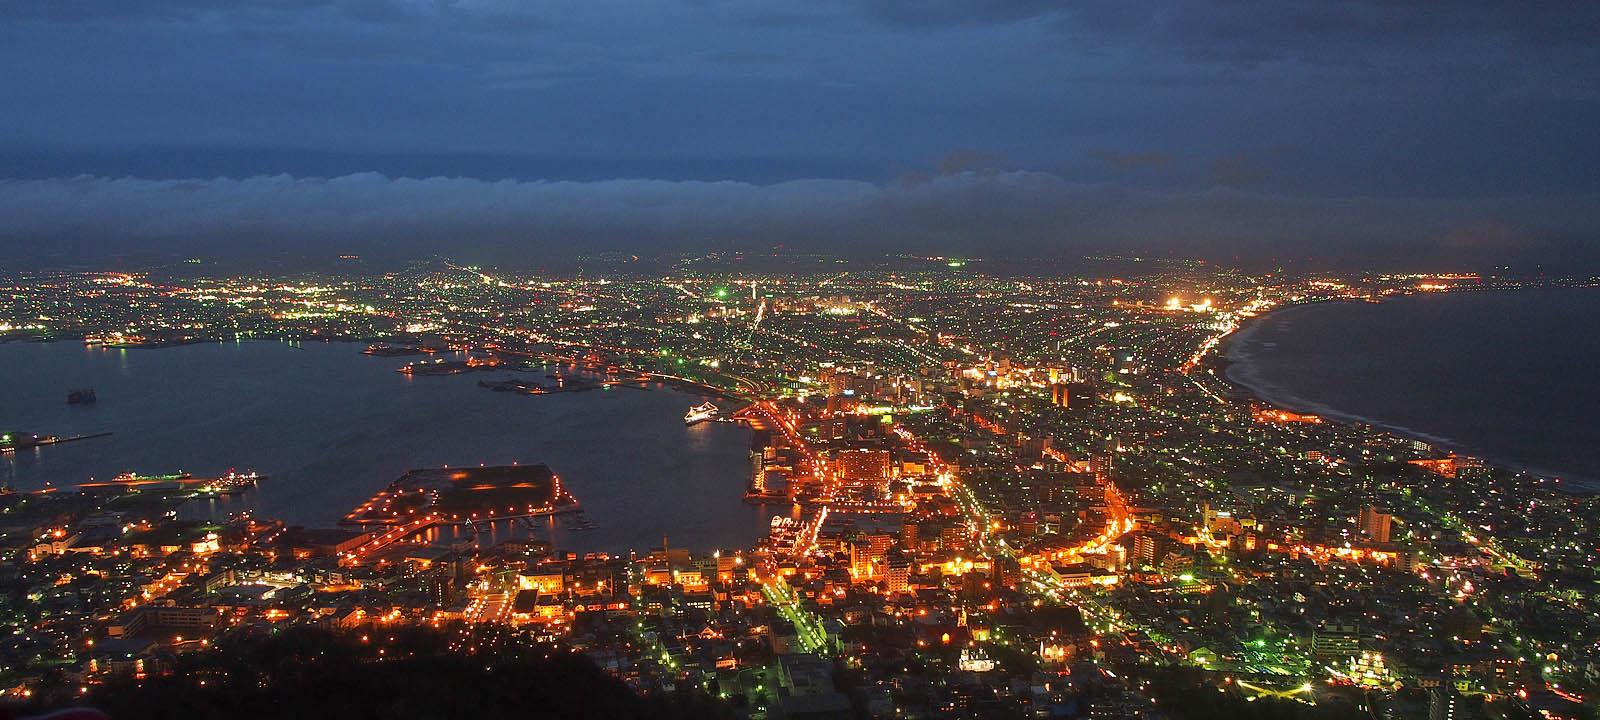 みんなで楽しめる!おすすめの国内卒業旅行先と費用!【北海道】